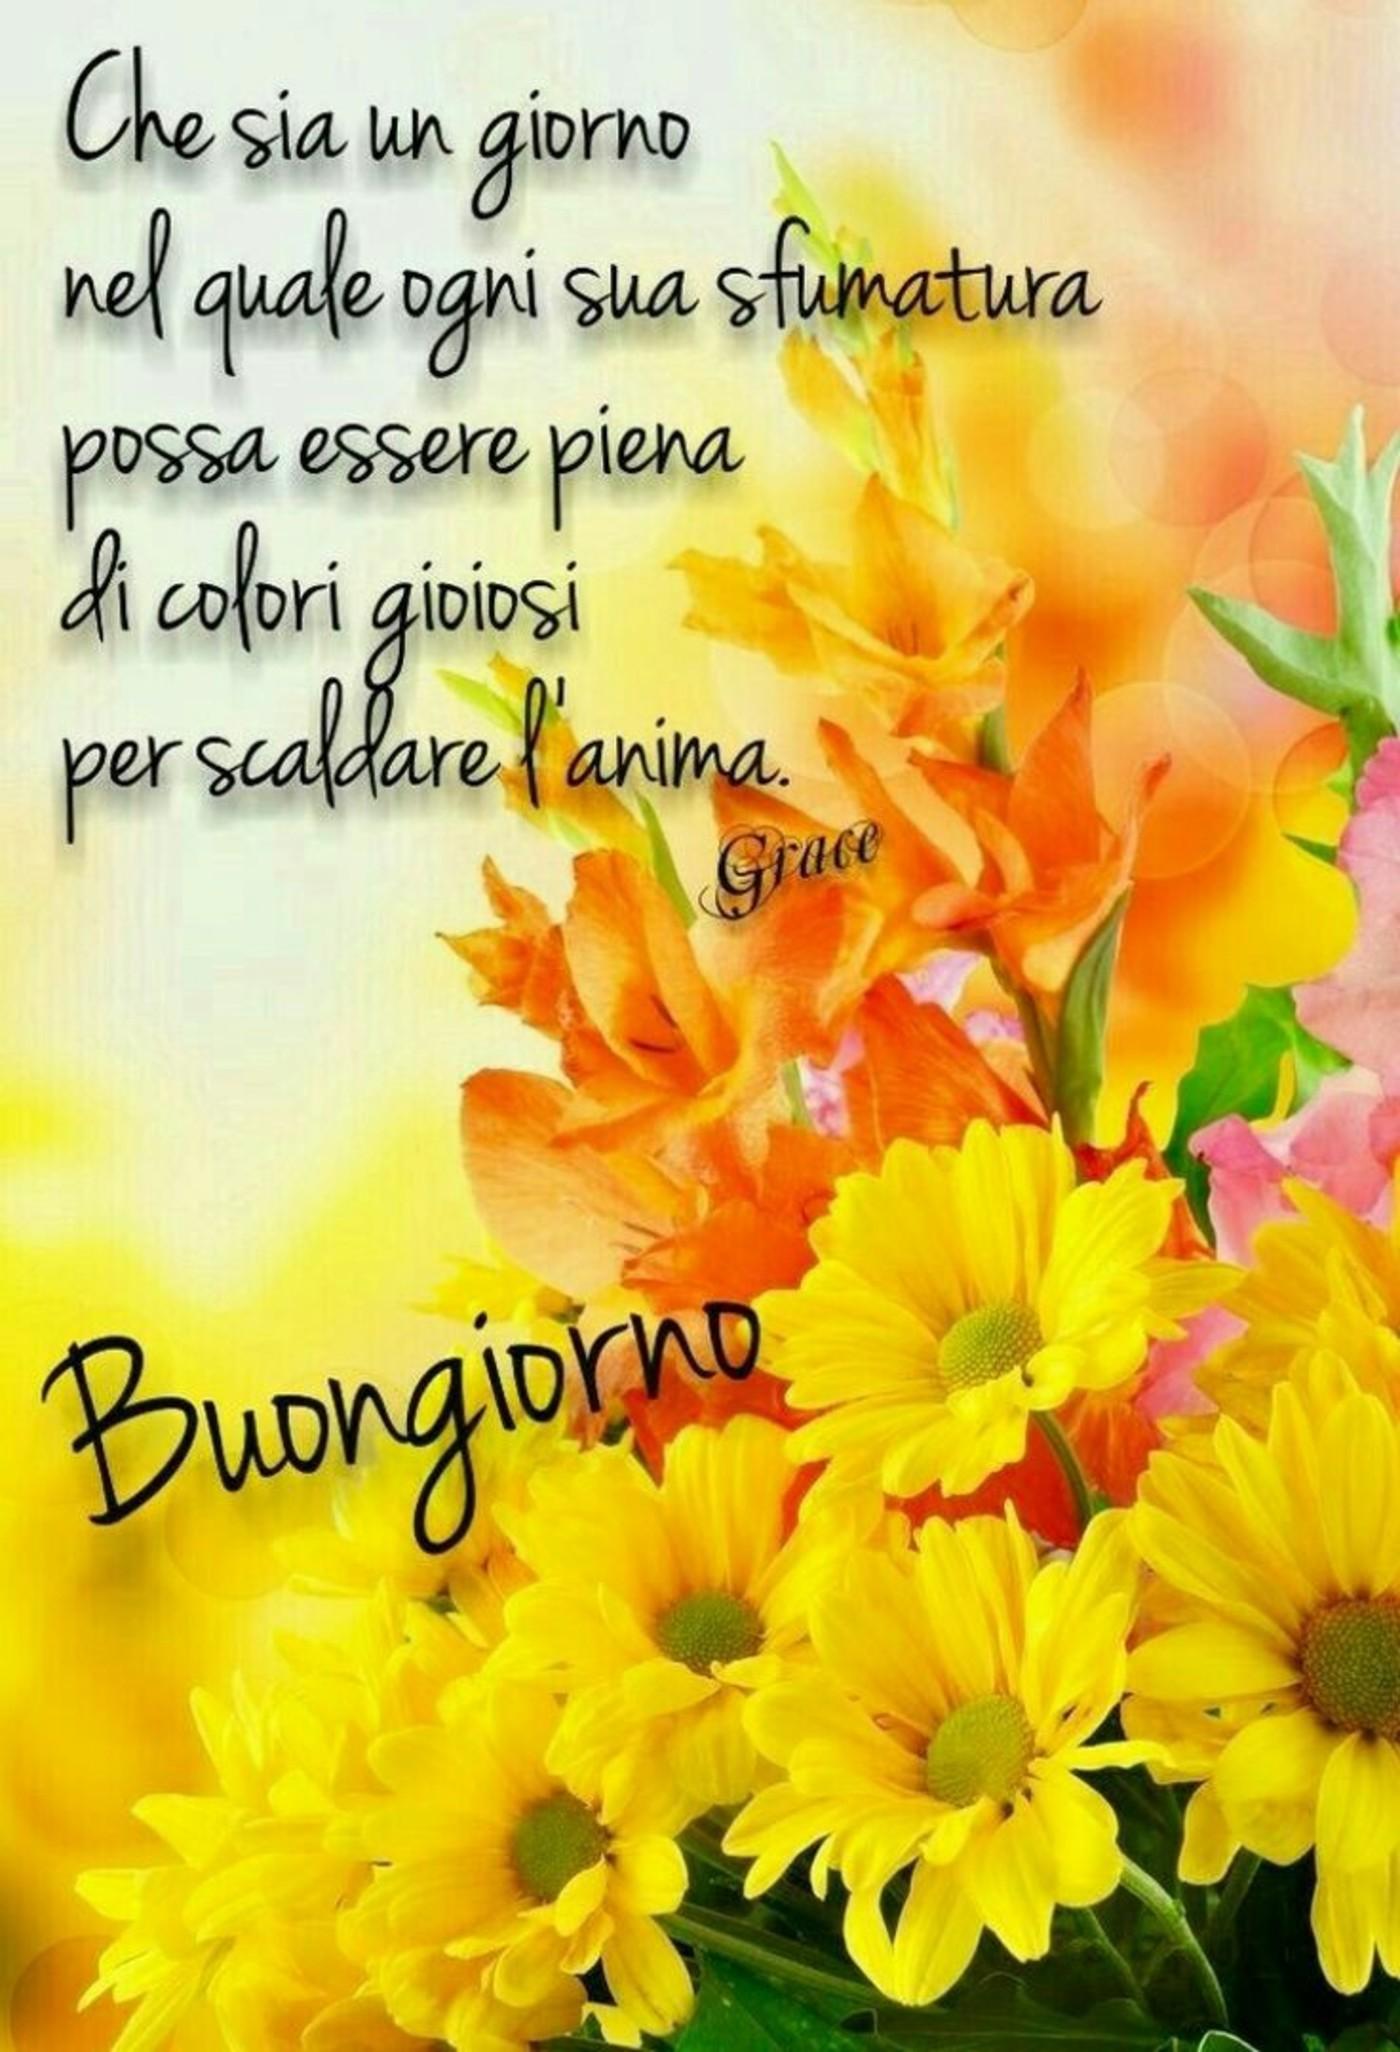 Immagini Nuove Buongiorno A Tutti Buongiorno Immagini It